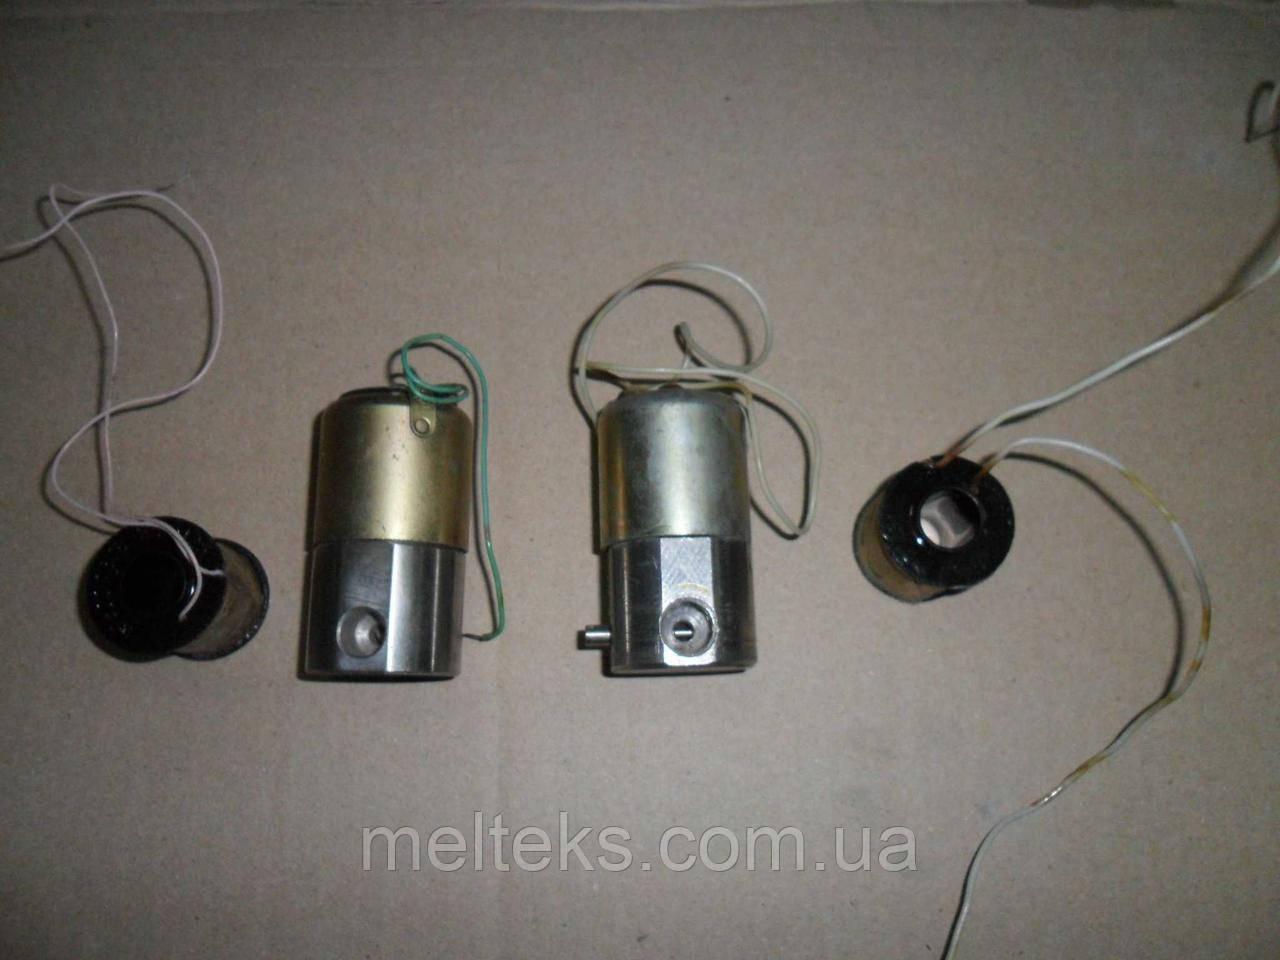 Клапан и катушка СКН-2 СКН-2М СКР-2 - 2020 г.в.